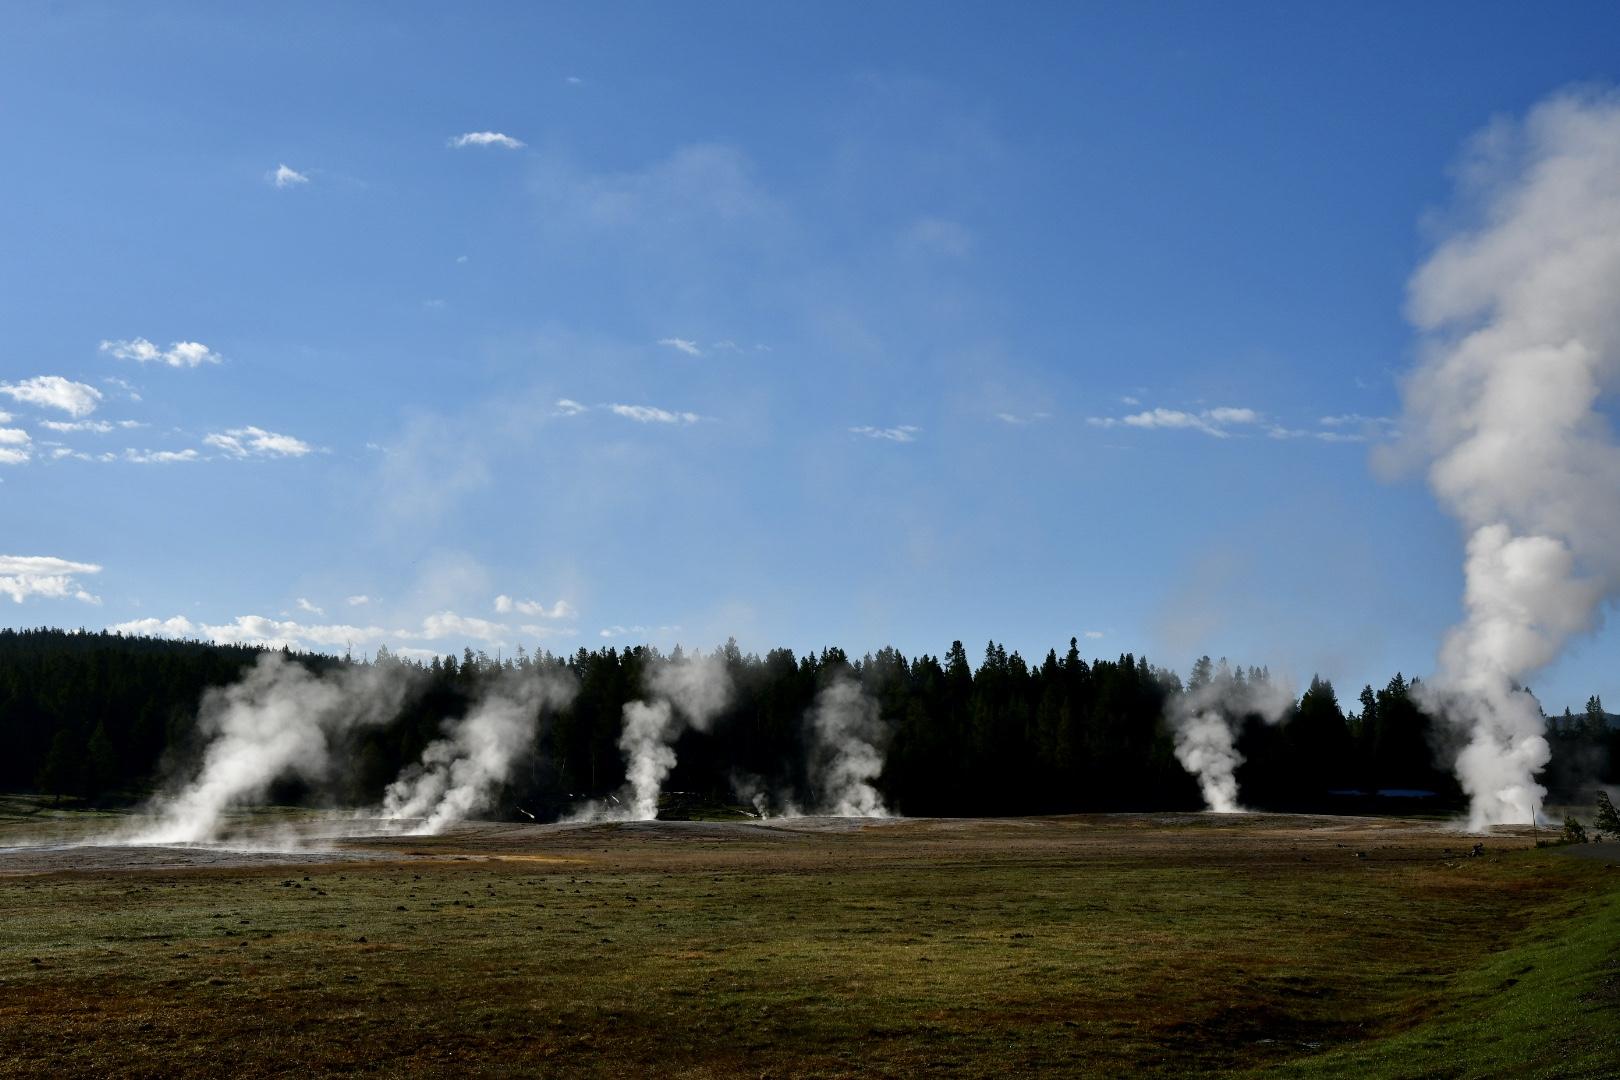 Mehrere Rauchschwaden wie Lagerfeuer auf einer Wiese vor Wald im Yellowstone Nationalpark